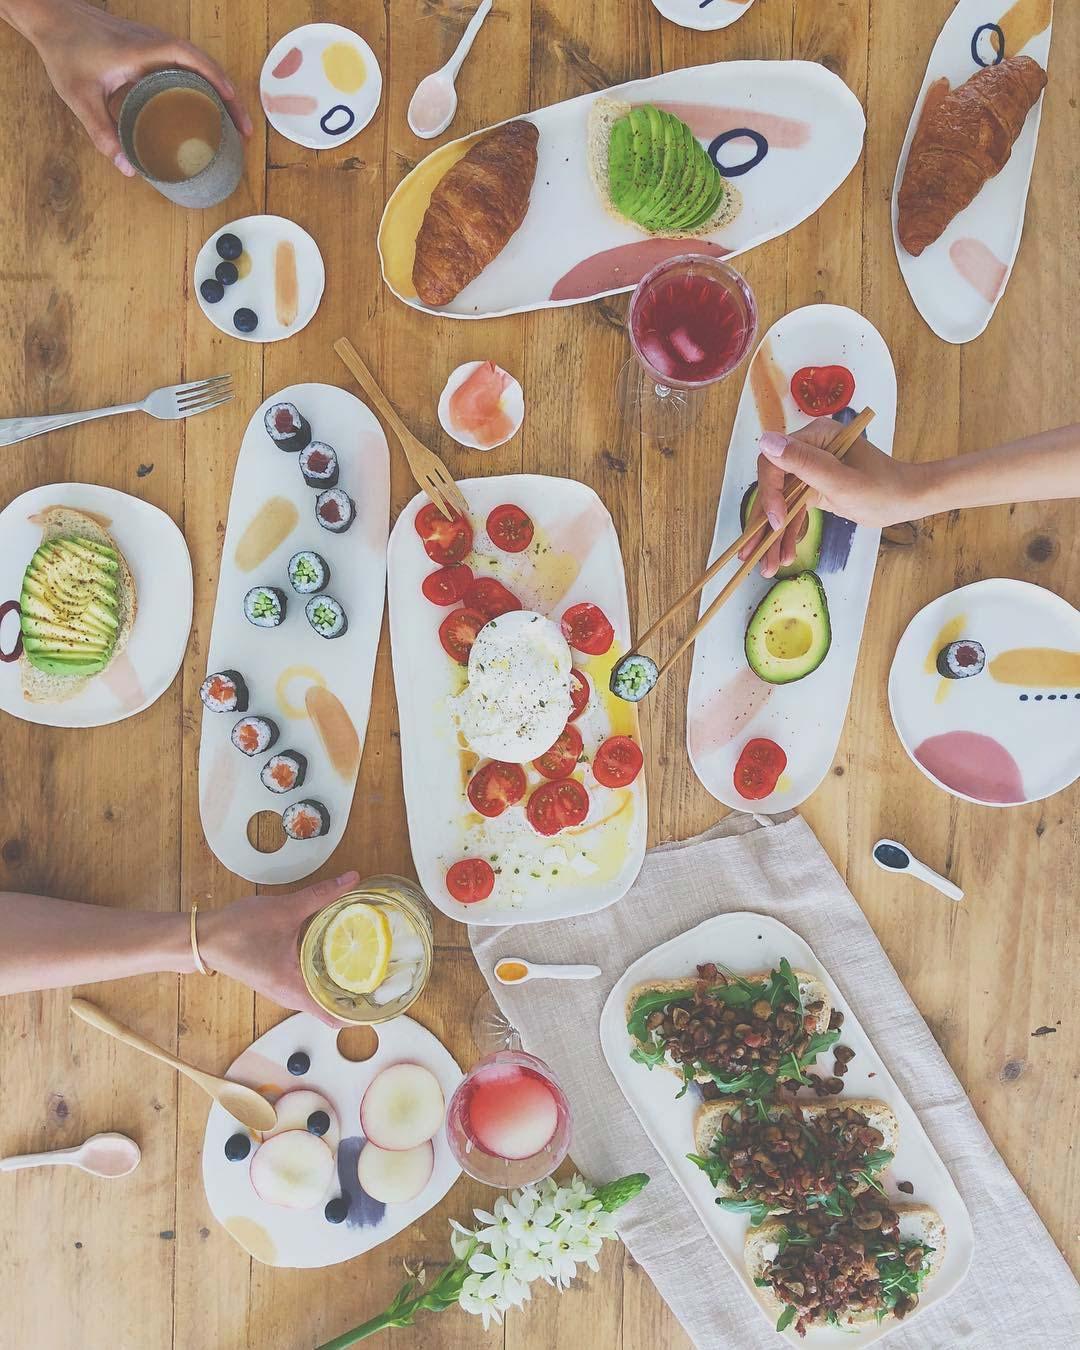 mooi servies gerechten serveren